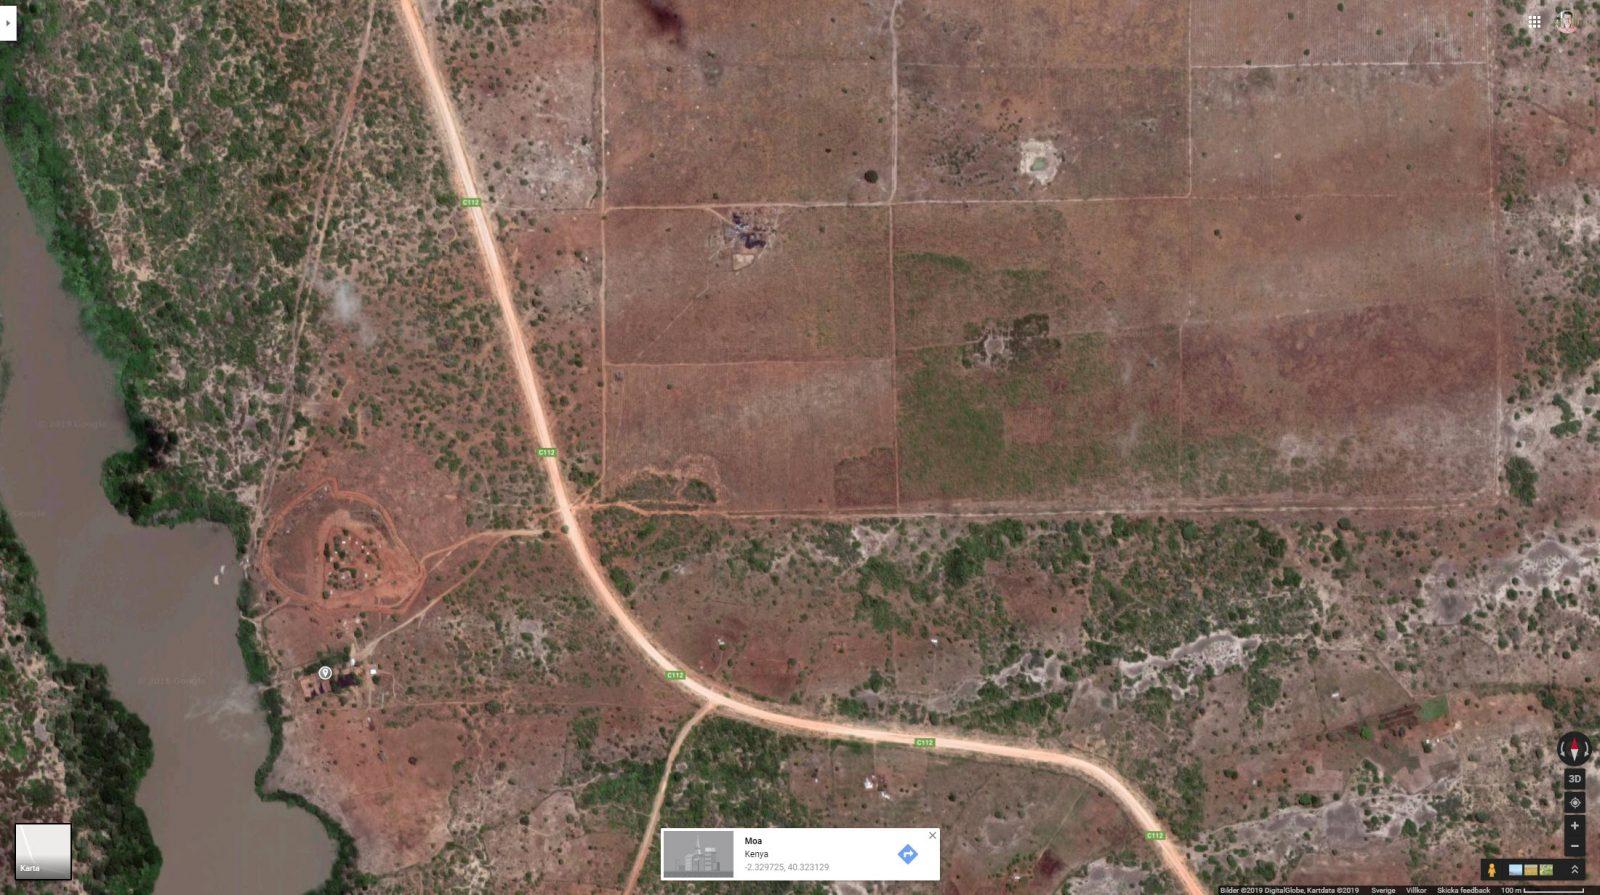 Satellitbild från Google Maps som visar några av de 30 000 hektar mark som Better Globe har till förfogande i Nyongoro, i länet Lamu i närheten av Somalias gräns.